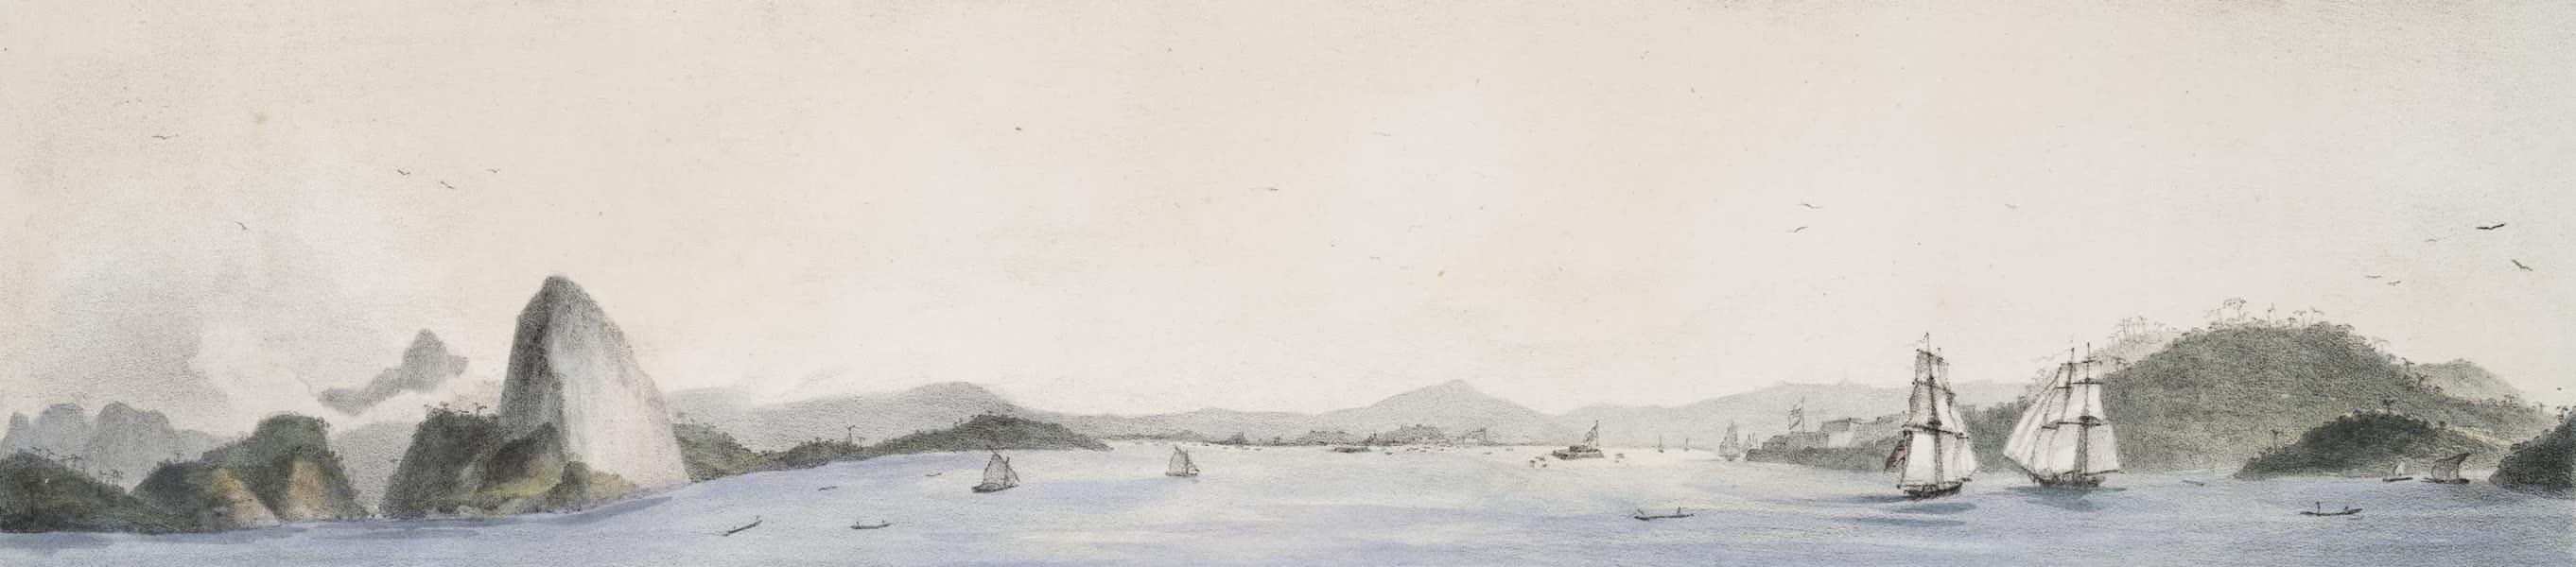 Voyage Pittoresque et Historique au Bresil Vol. 2 - Vue de l'Entree de la Baie de Rio de Janeiro (1835)